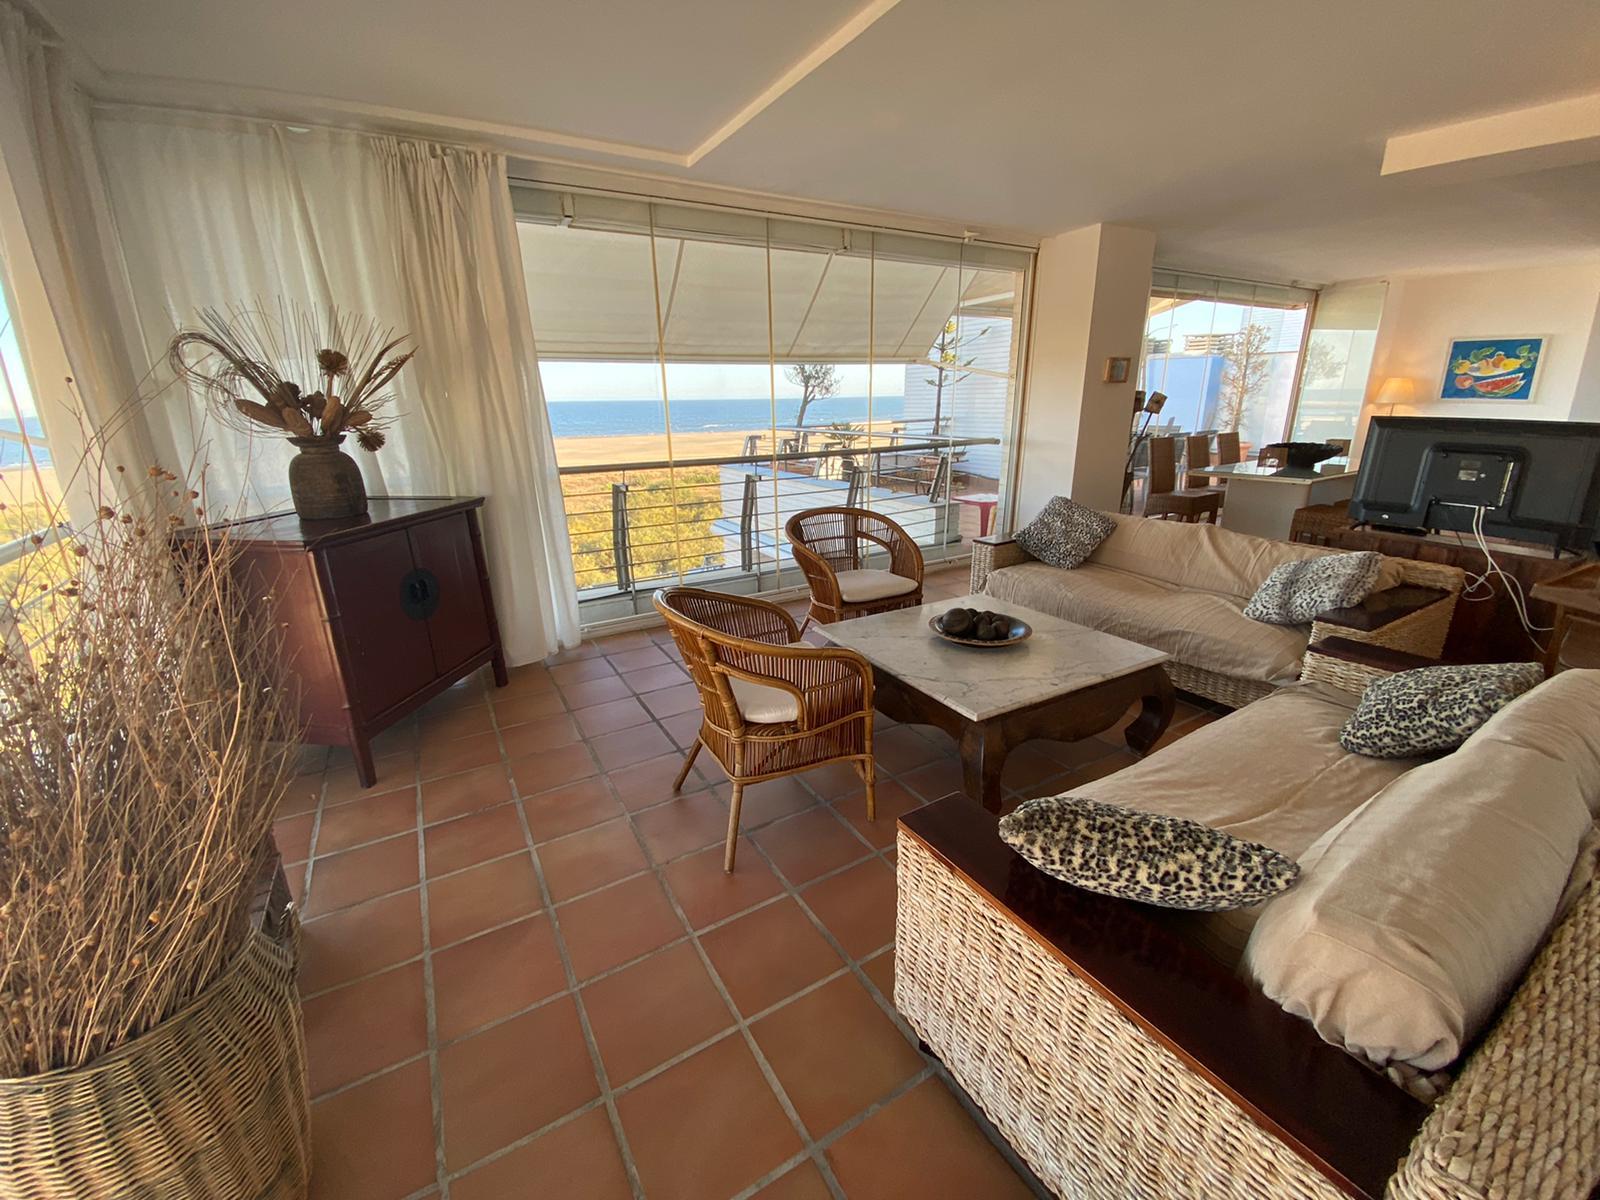 Imagen 46 del Apartamento Turístico, Ático 4 Levante, Frontal (4d+2b), Punta del Moral (HUELVA), Paseo de la Cruz nº22